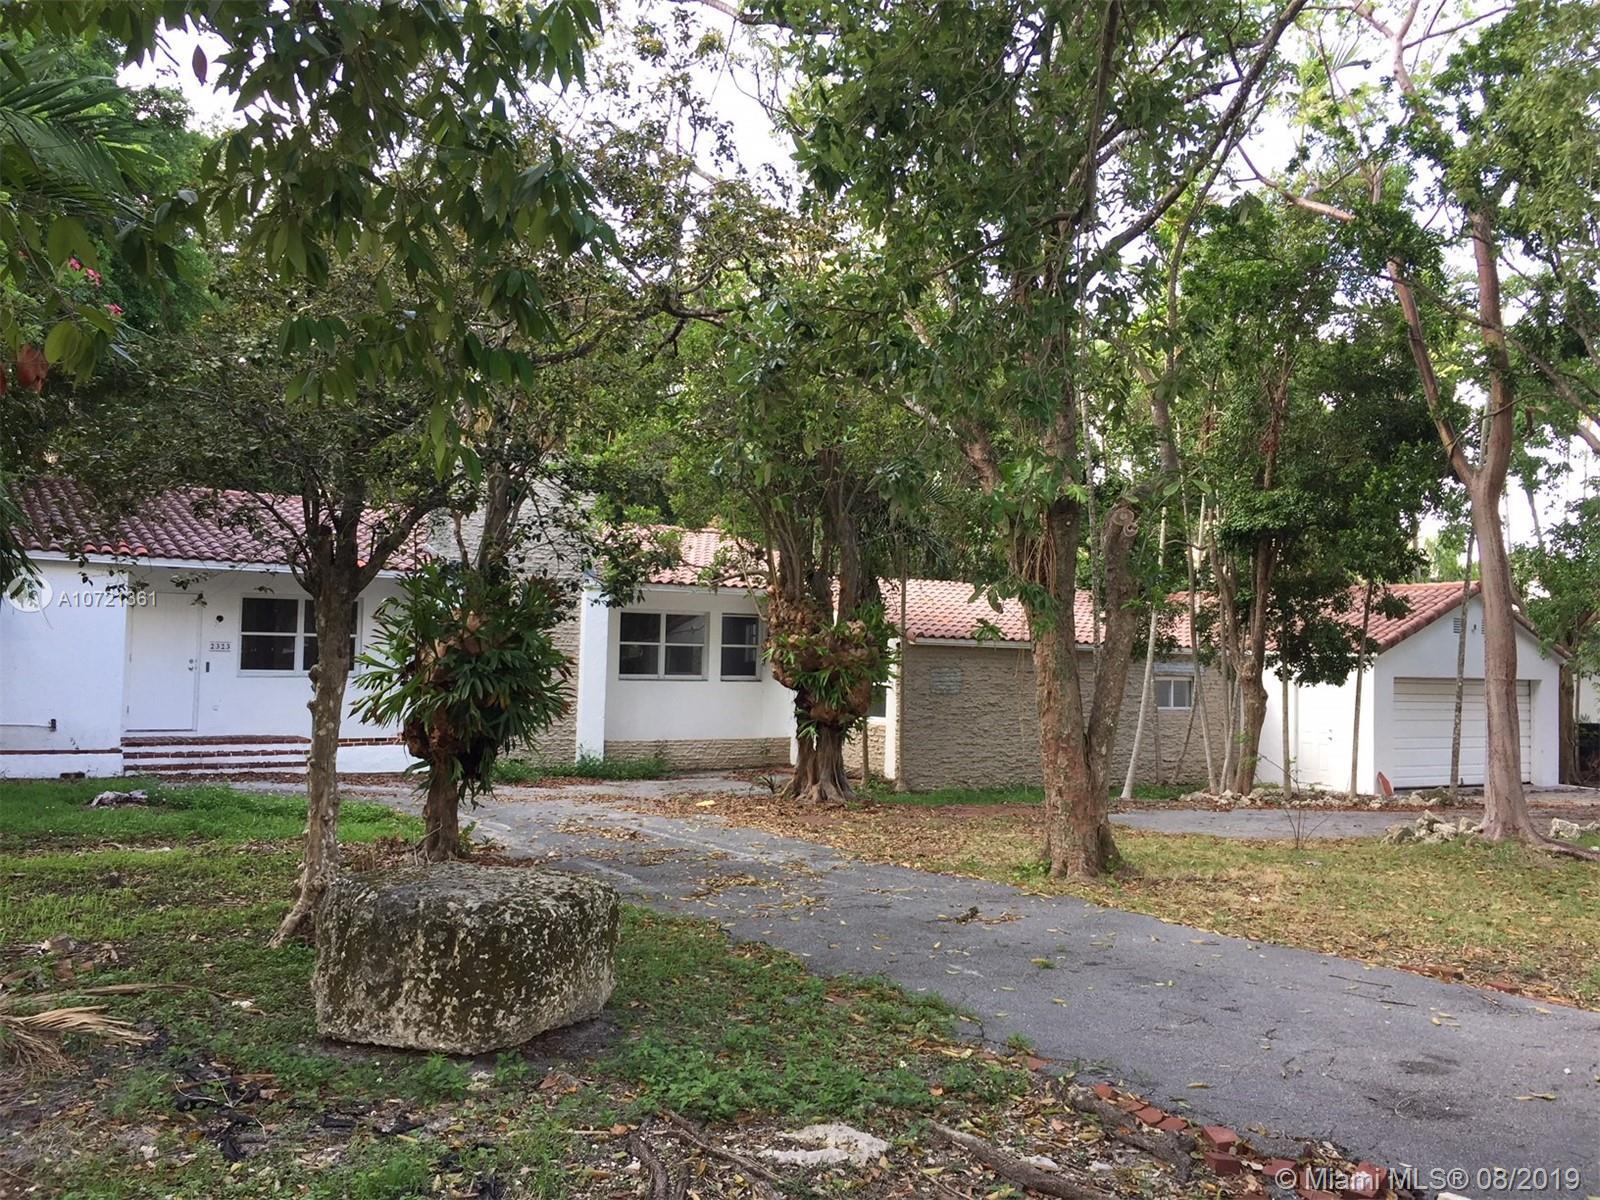 2323 S Miami Ave  For Sale A10721361, FL